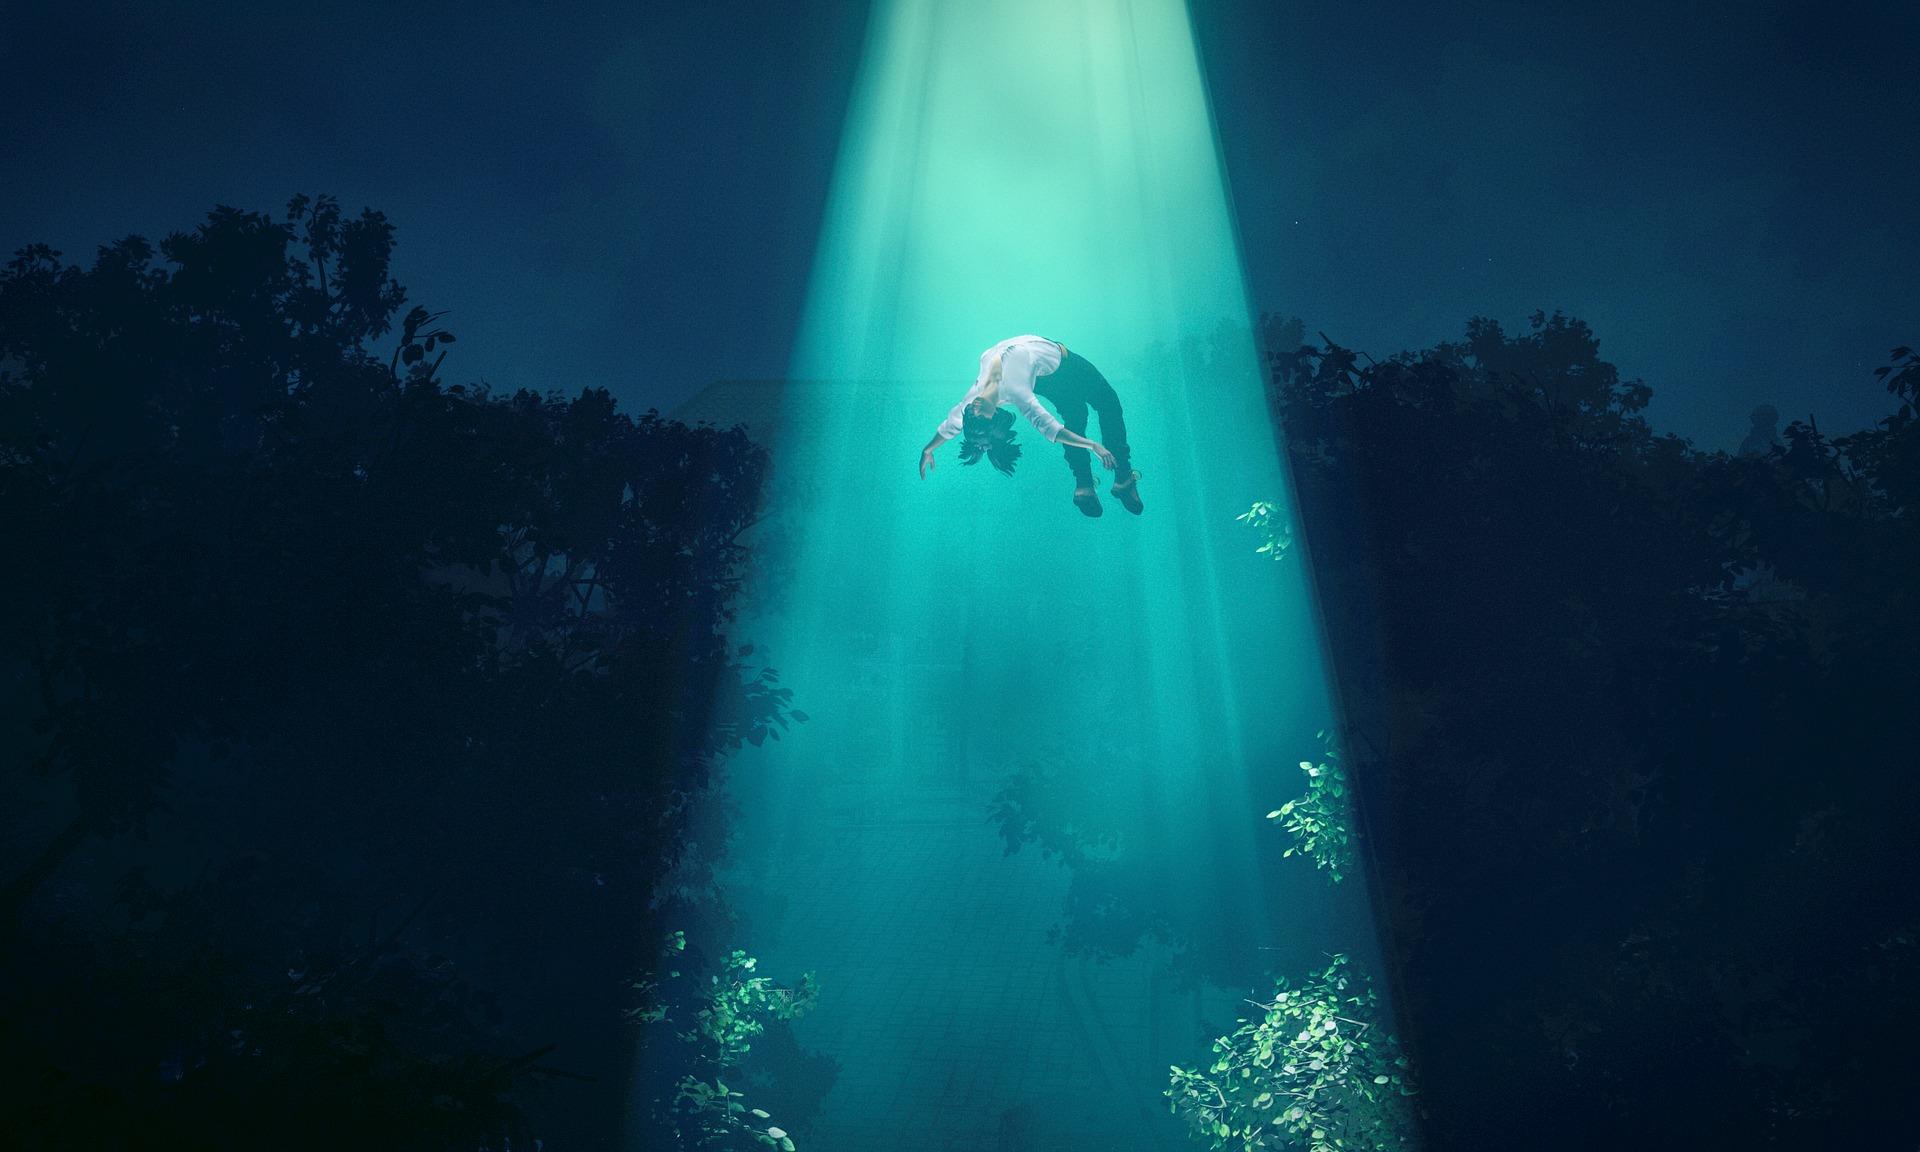 Les rêves lucides pourraient expliquer les histoires d'enlèvements extraterrestres